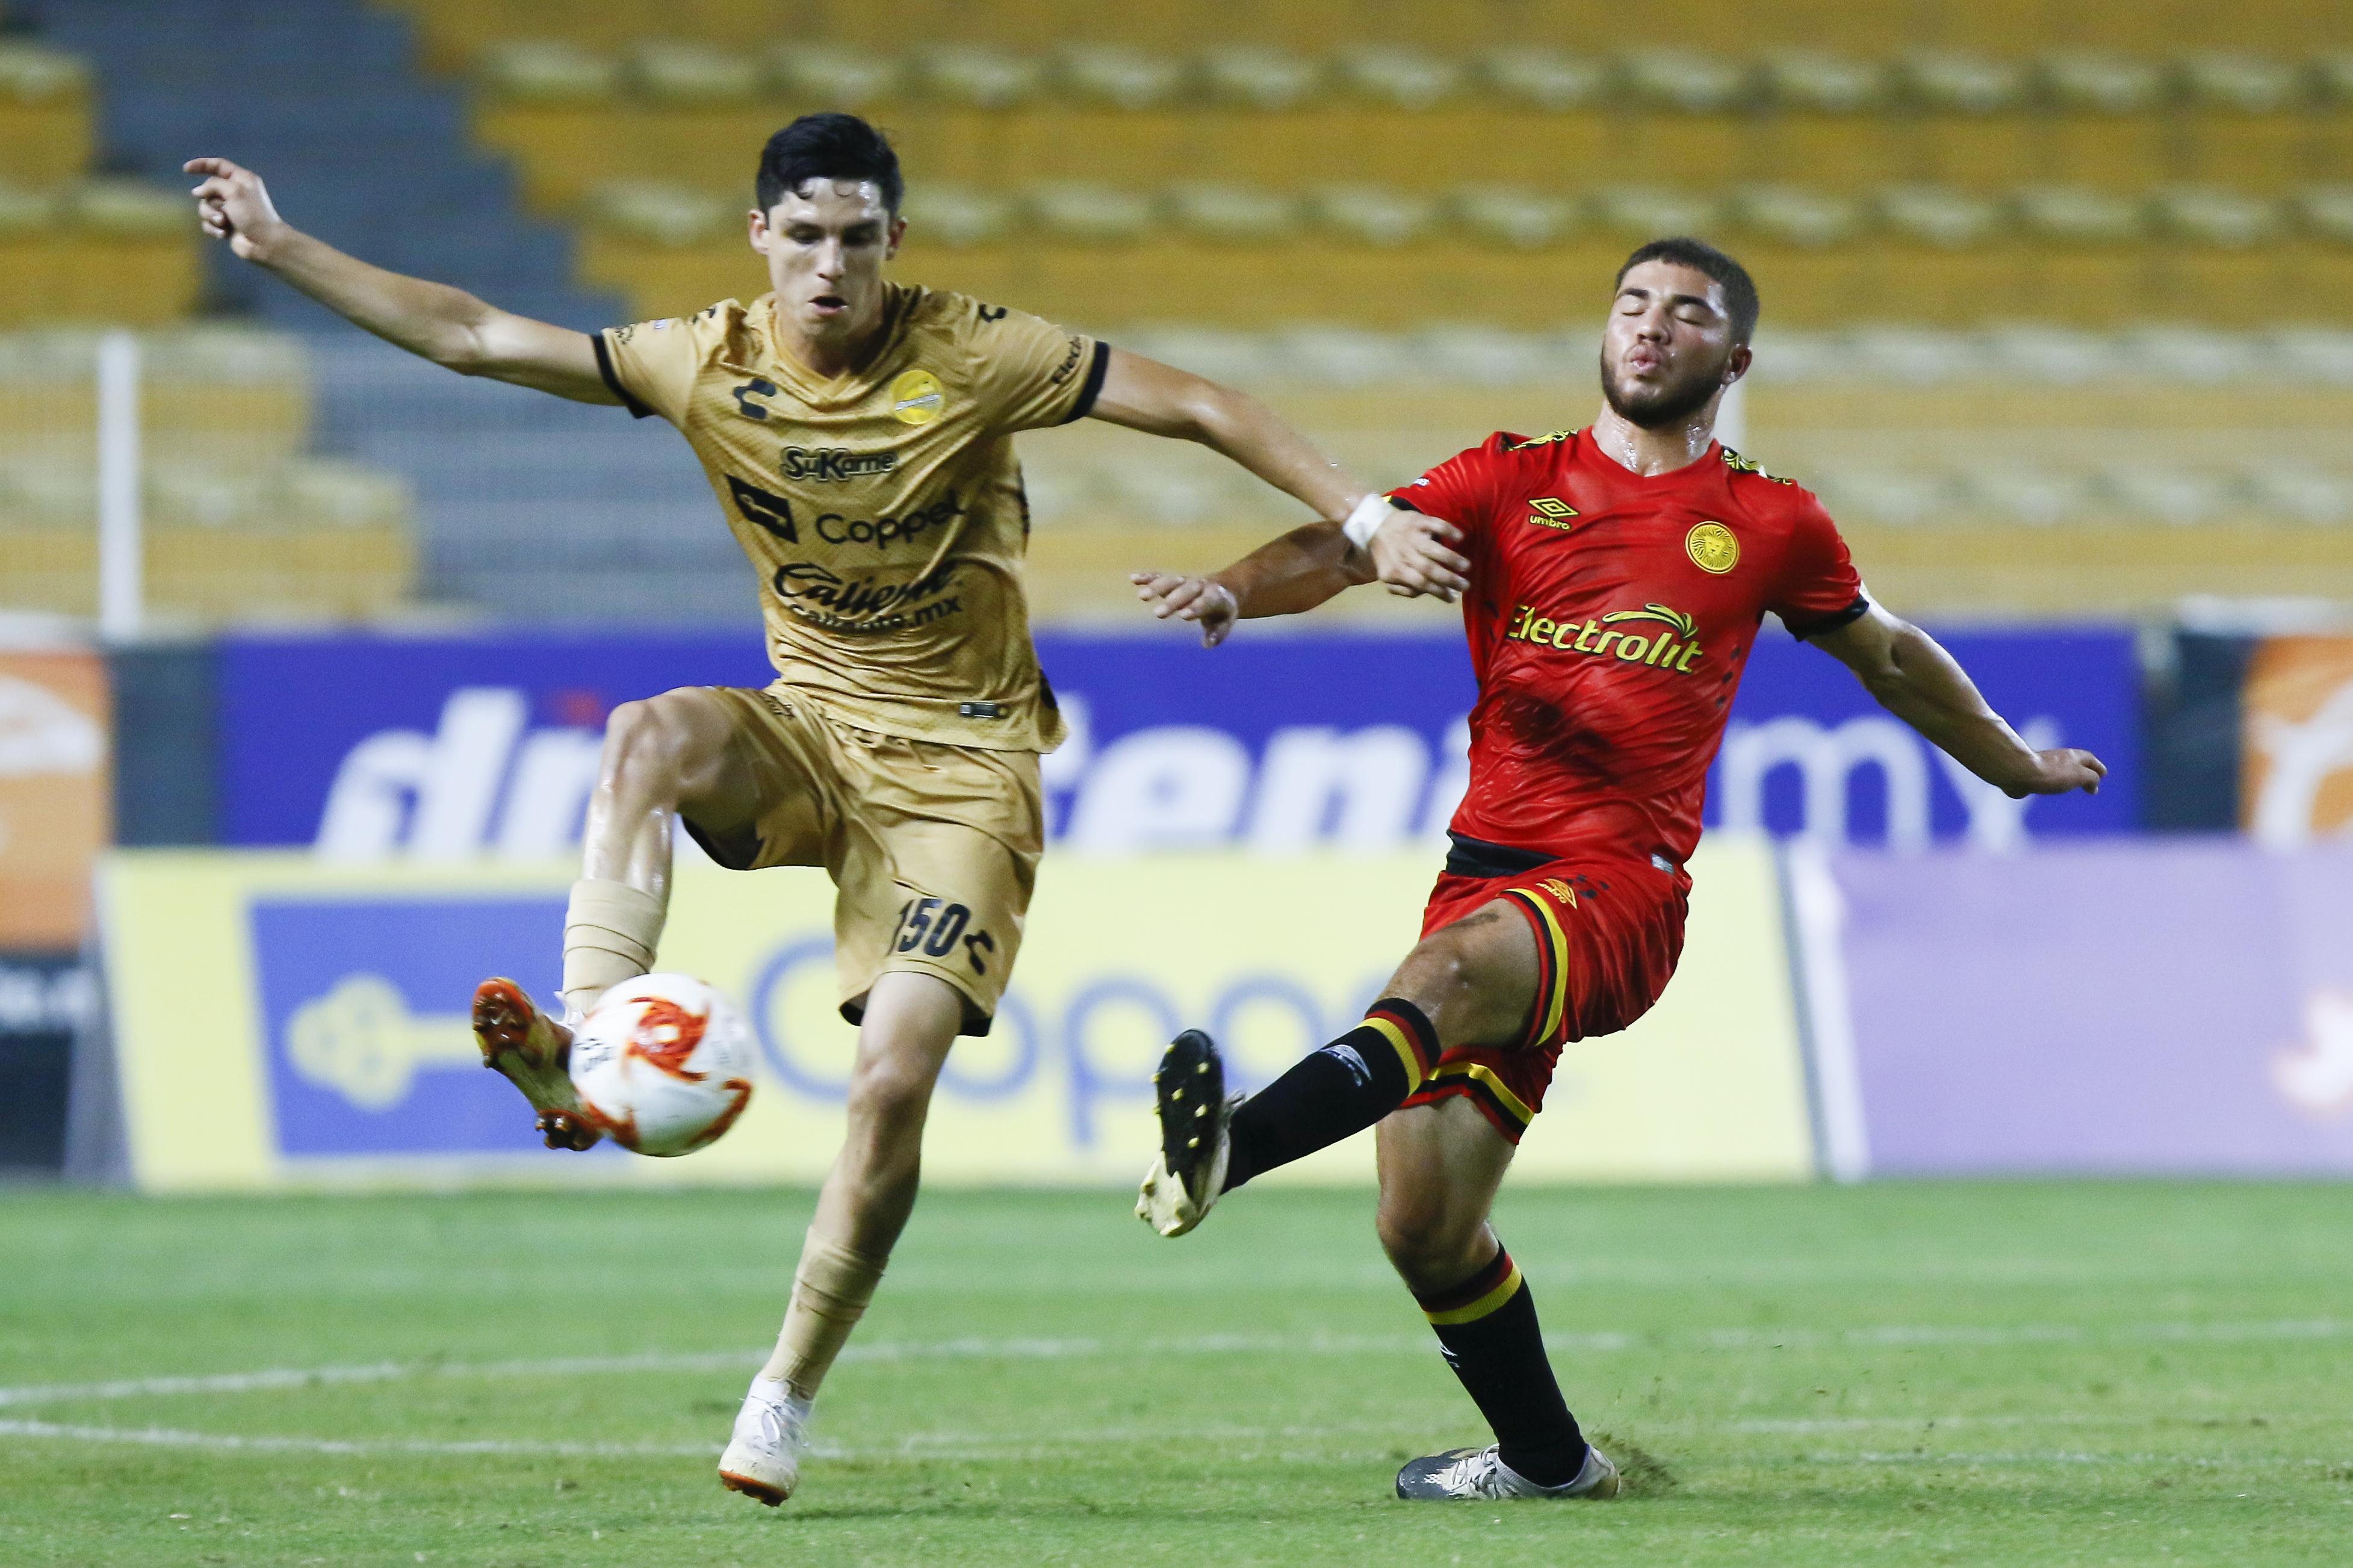 Dorados 3-2 Leones Negros